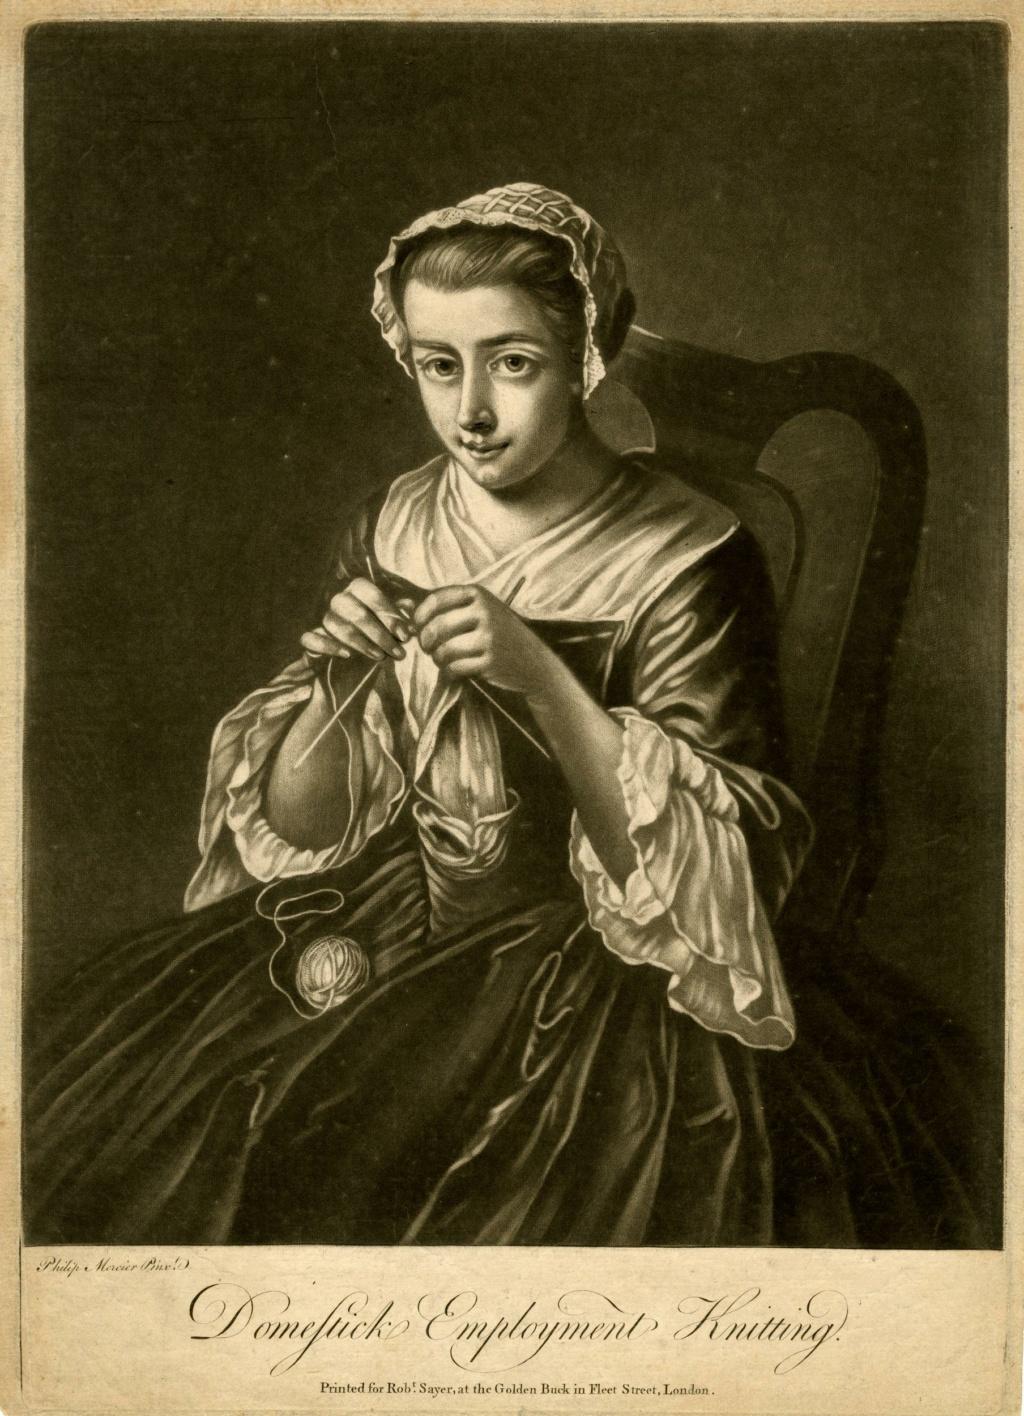 Le mécénat et les collections d'art et arts décoratifs de la princesse de Lamballe 63902810